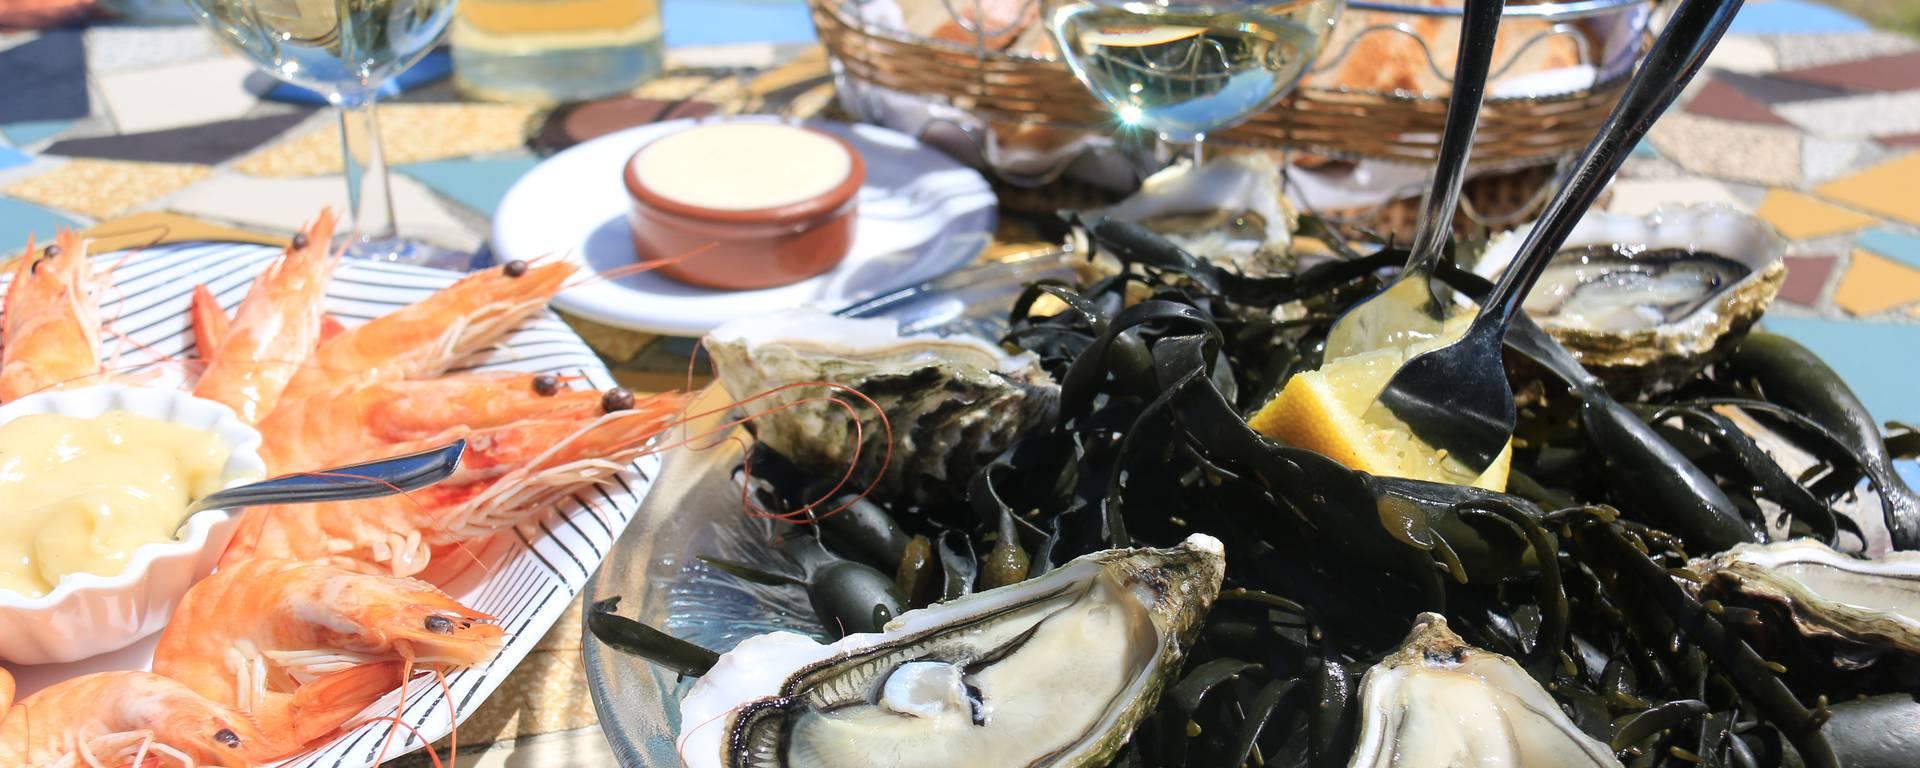 L'huître incontournable, dans nos assiettes chaque été par Lesley Williamson